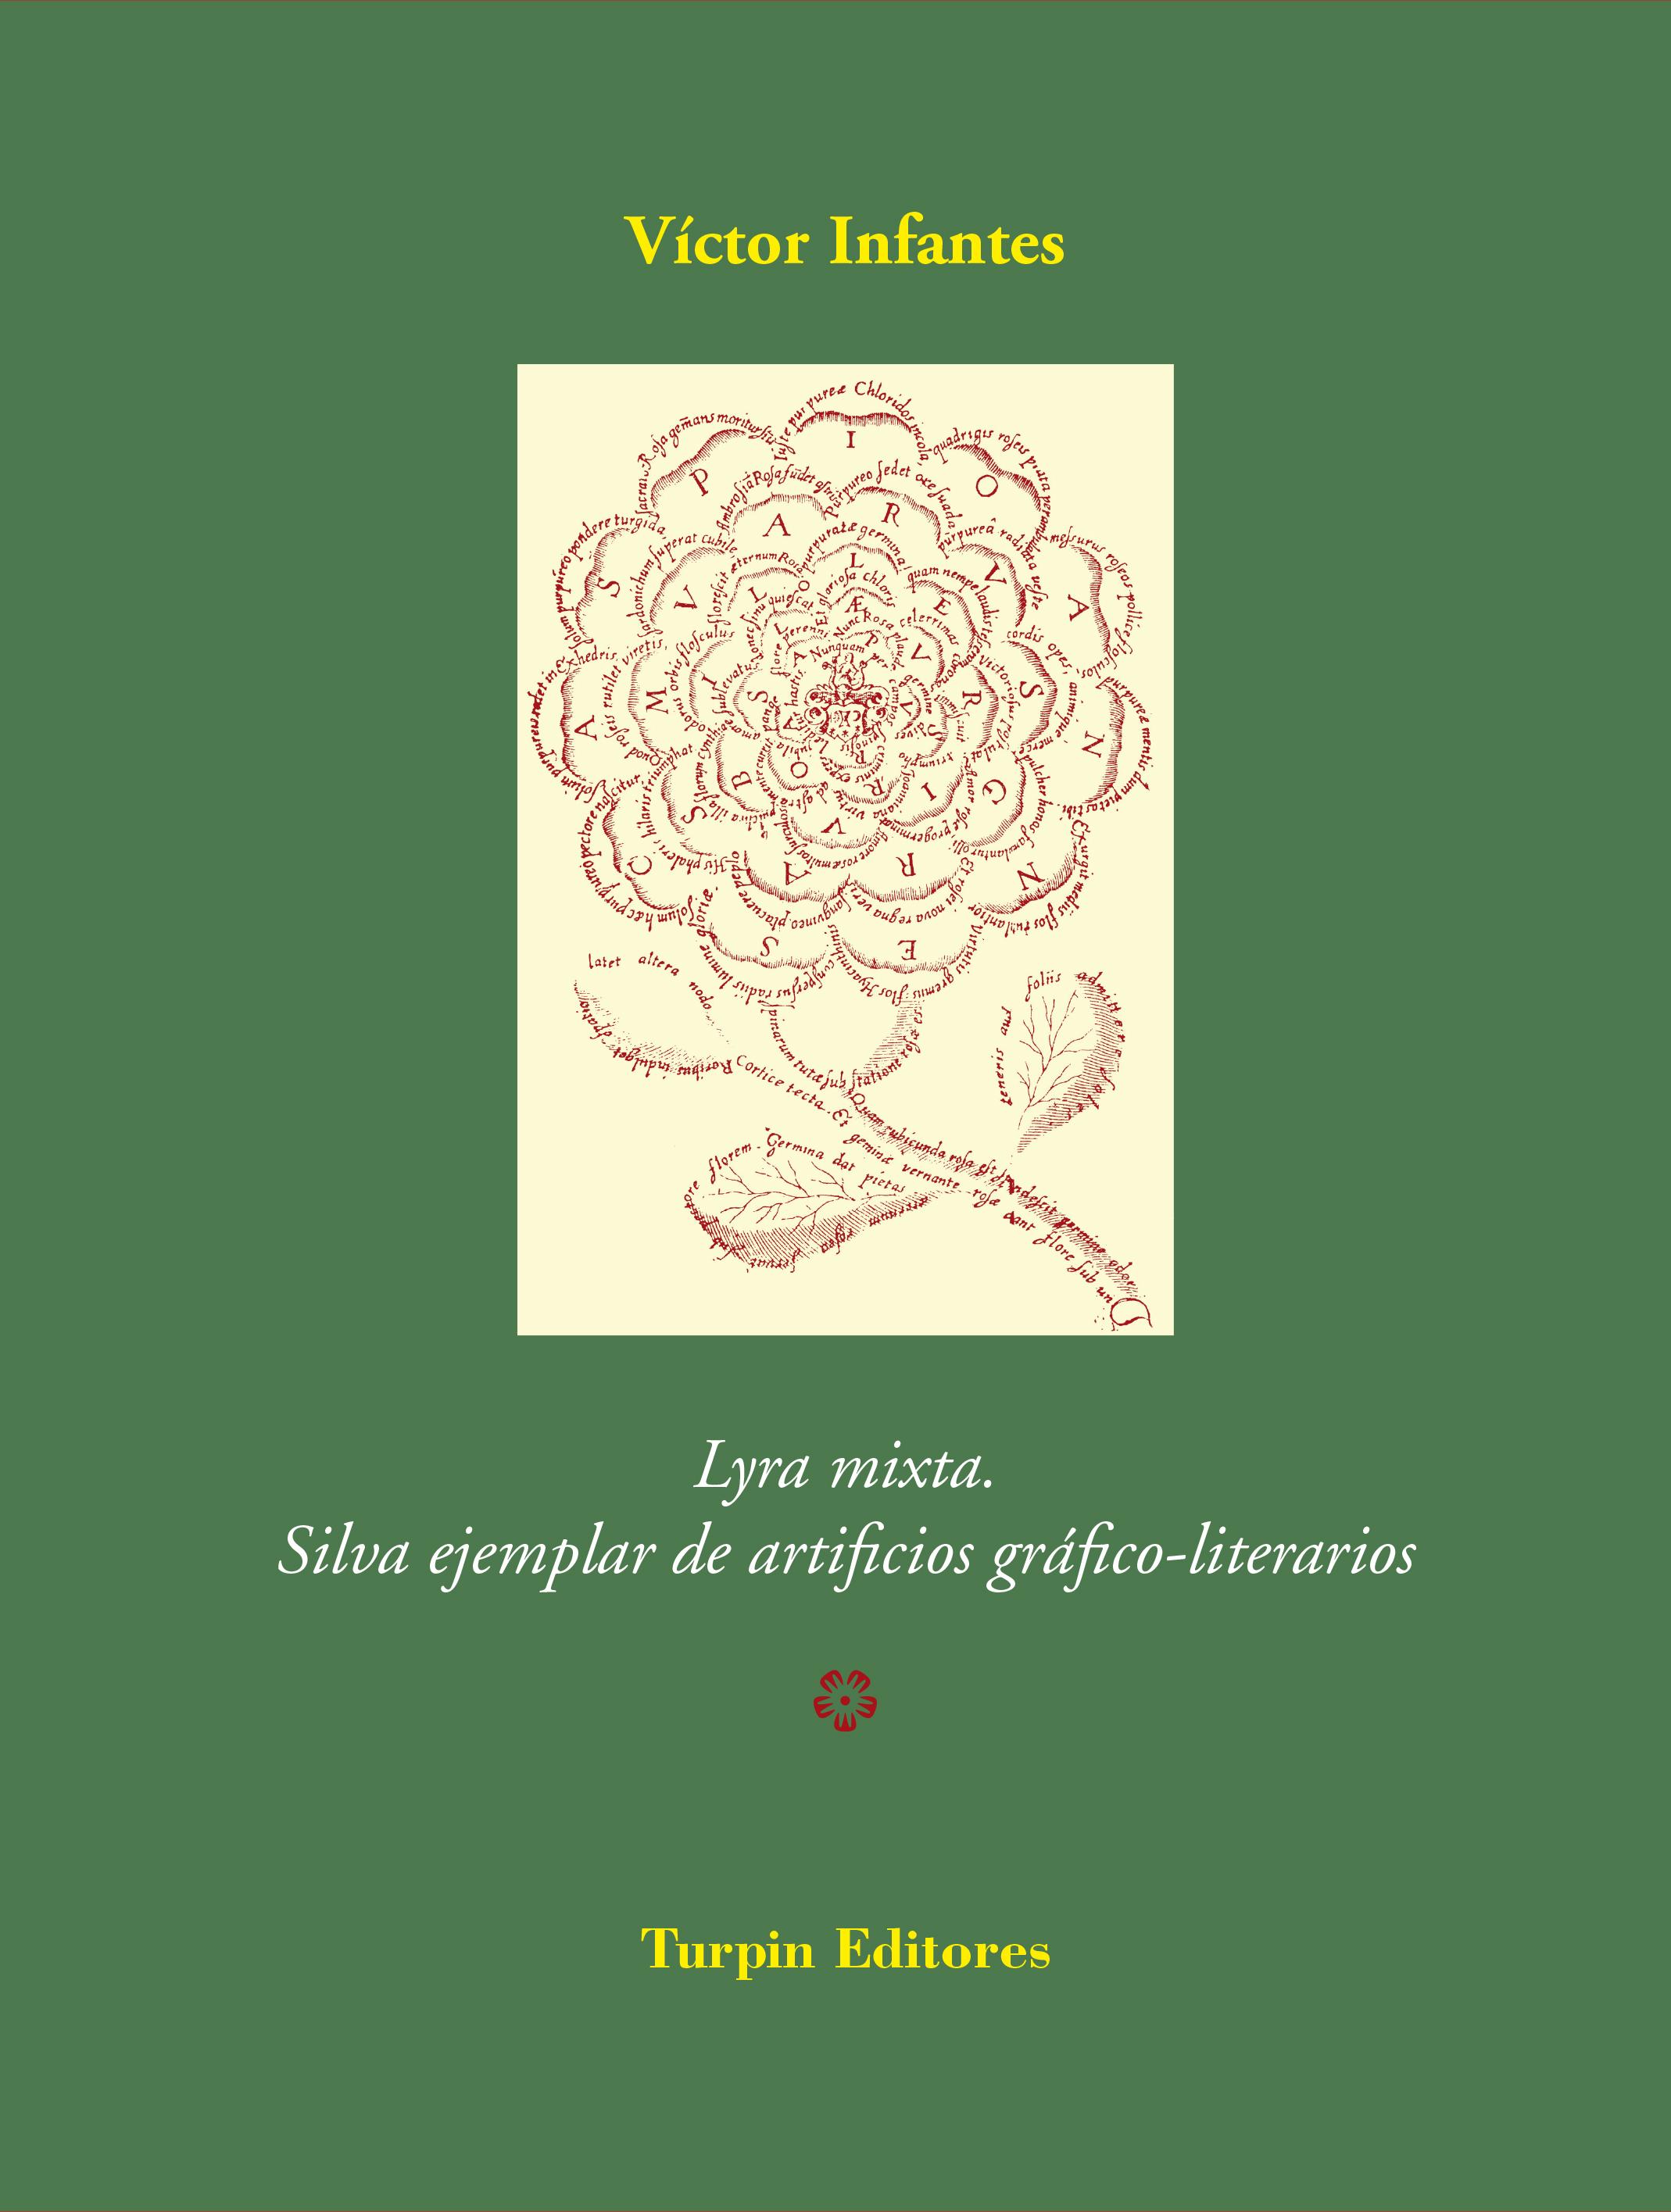 Lyra mixta. Silva ejemplar de artificios gráfico-literariosVíctor Infantes